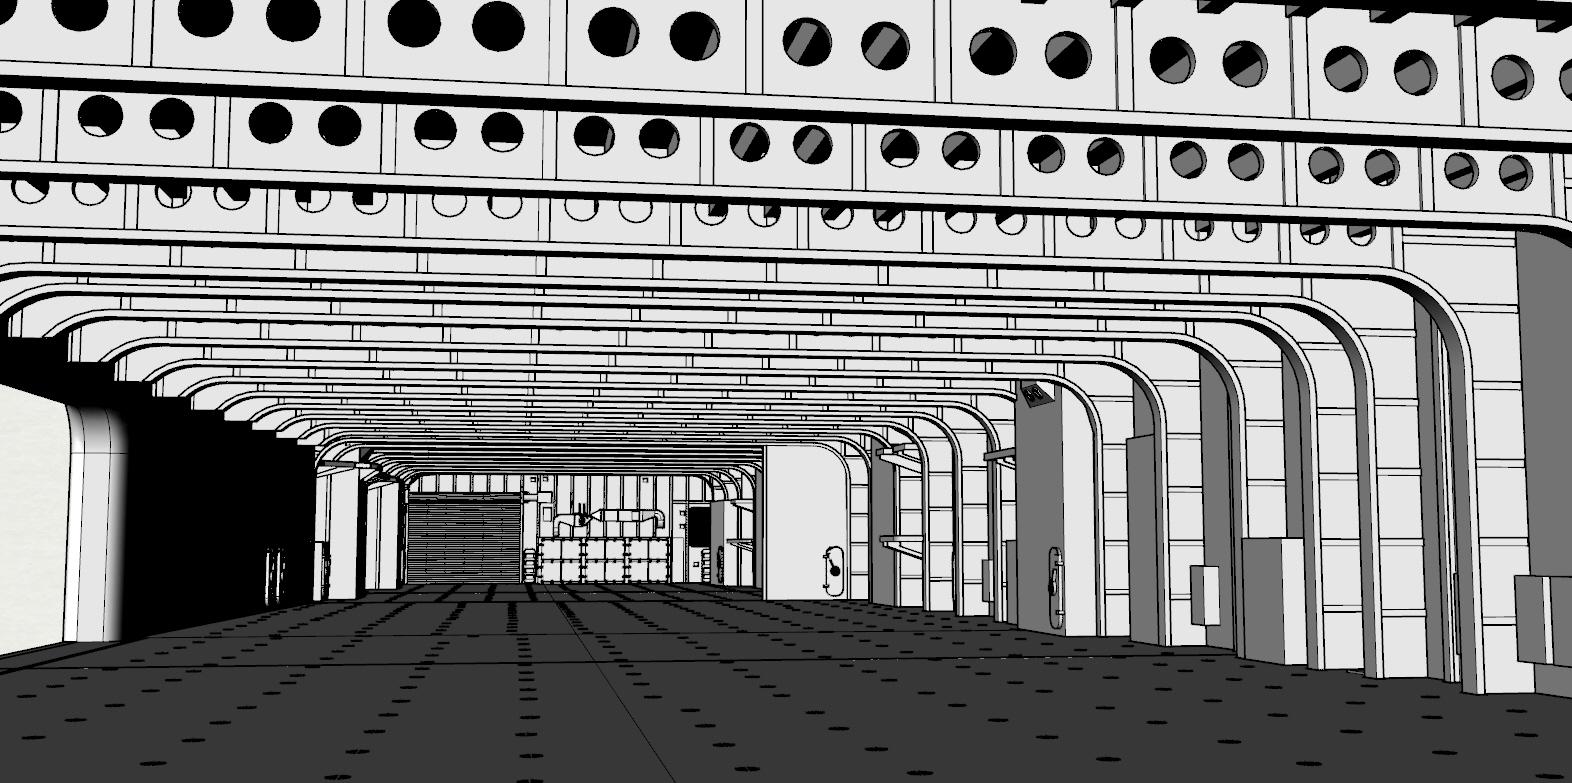 Porte-avions Clemenceau : conception et réalisation d'un kit d'amélioration - Page 2 17081610363723134915225069